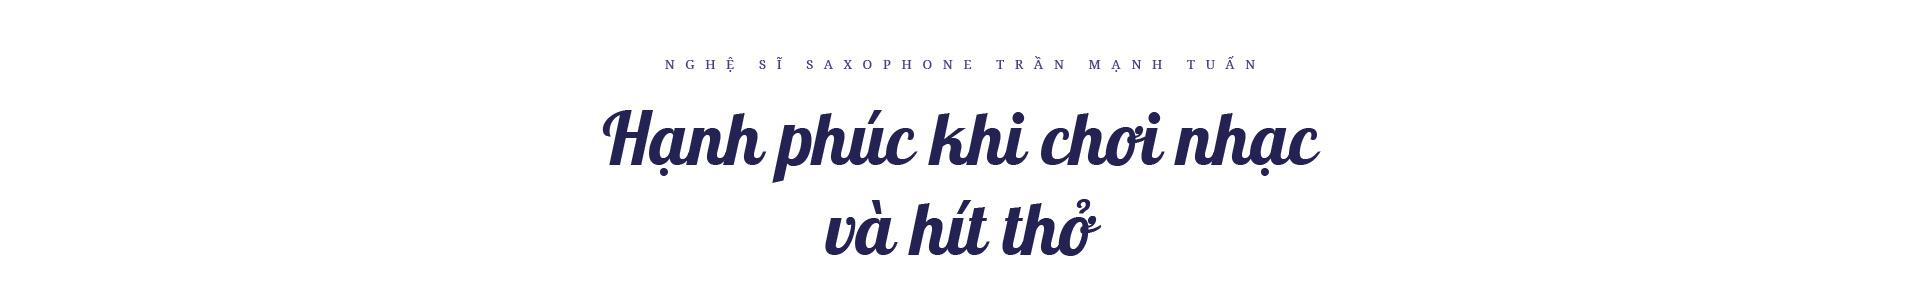 """Nghệ sĩ saxophone Trần Mạnh Tuấn: """"Diễn giữa không gian bệnh viện dã chiến là điều đặc biệt nhất trong đời"""" - Ảnh 15."""